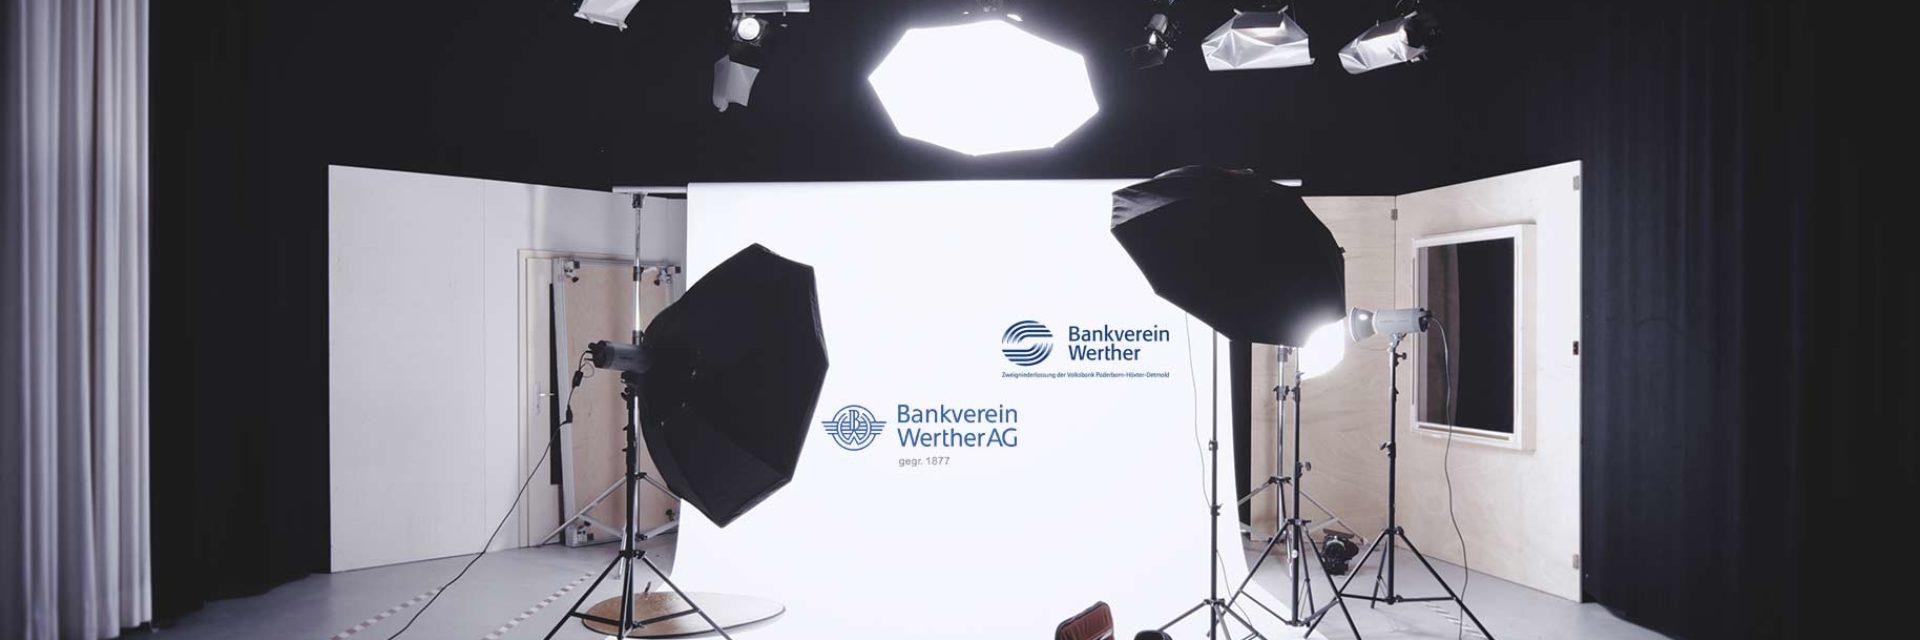 Markenintegration: Bankverein Werther